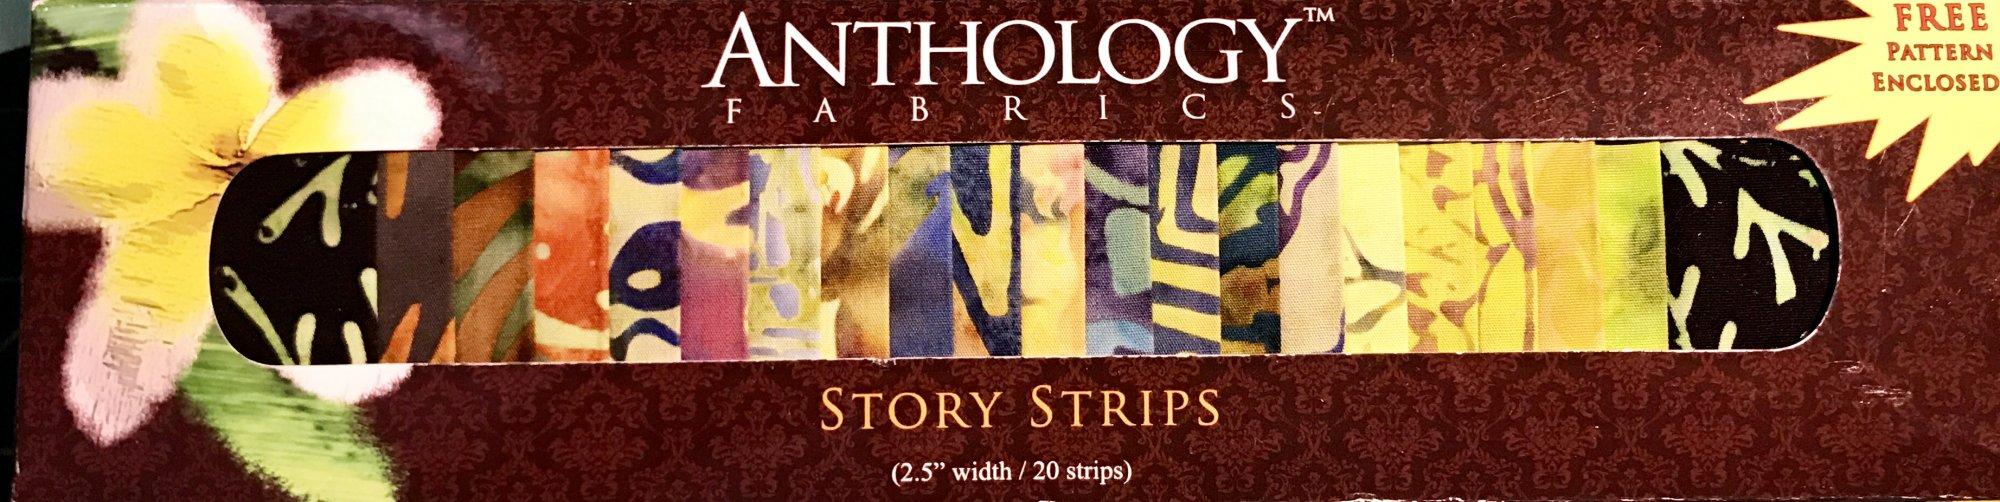 Anthology Fabric Strips -1